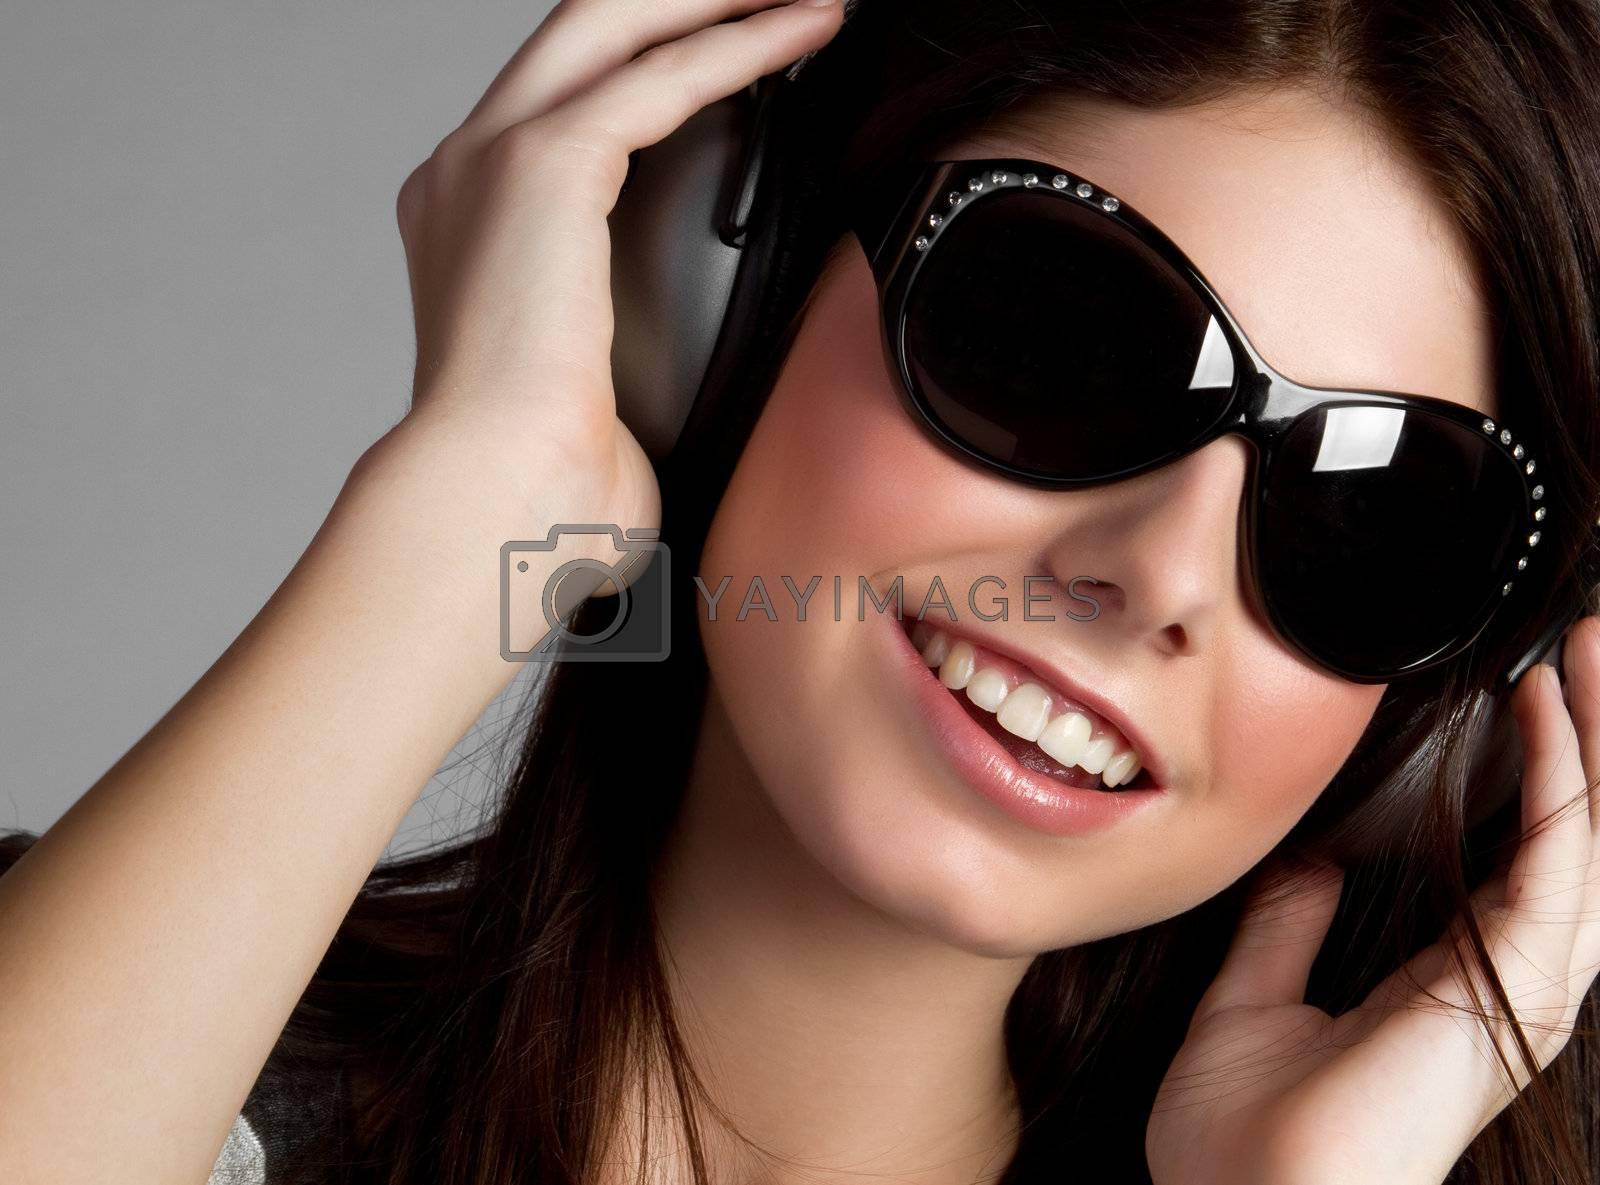 Headphones music girl wearing sunglasses